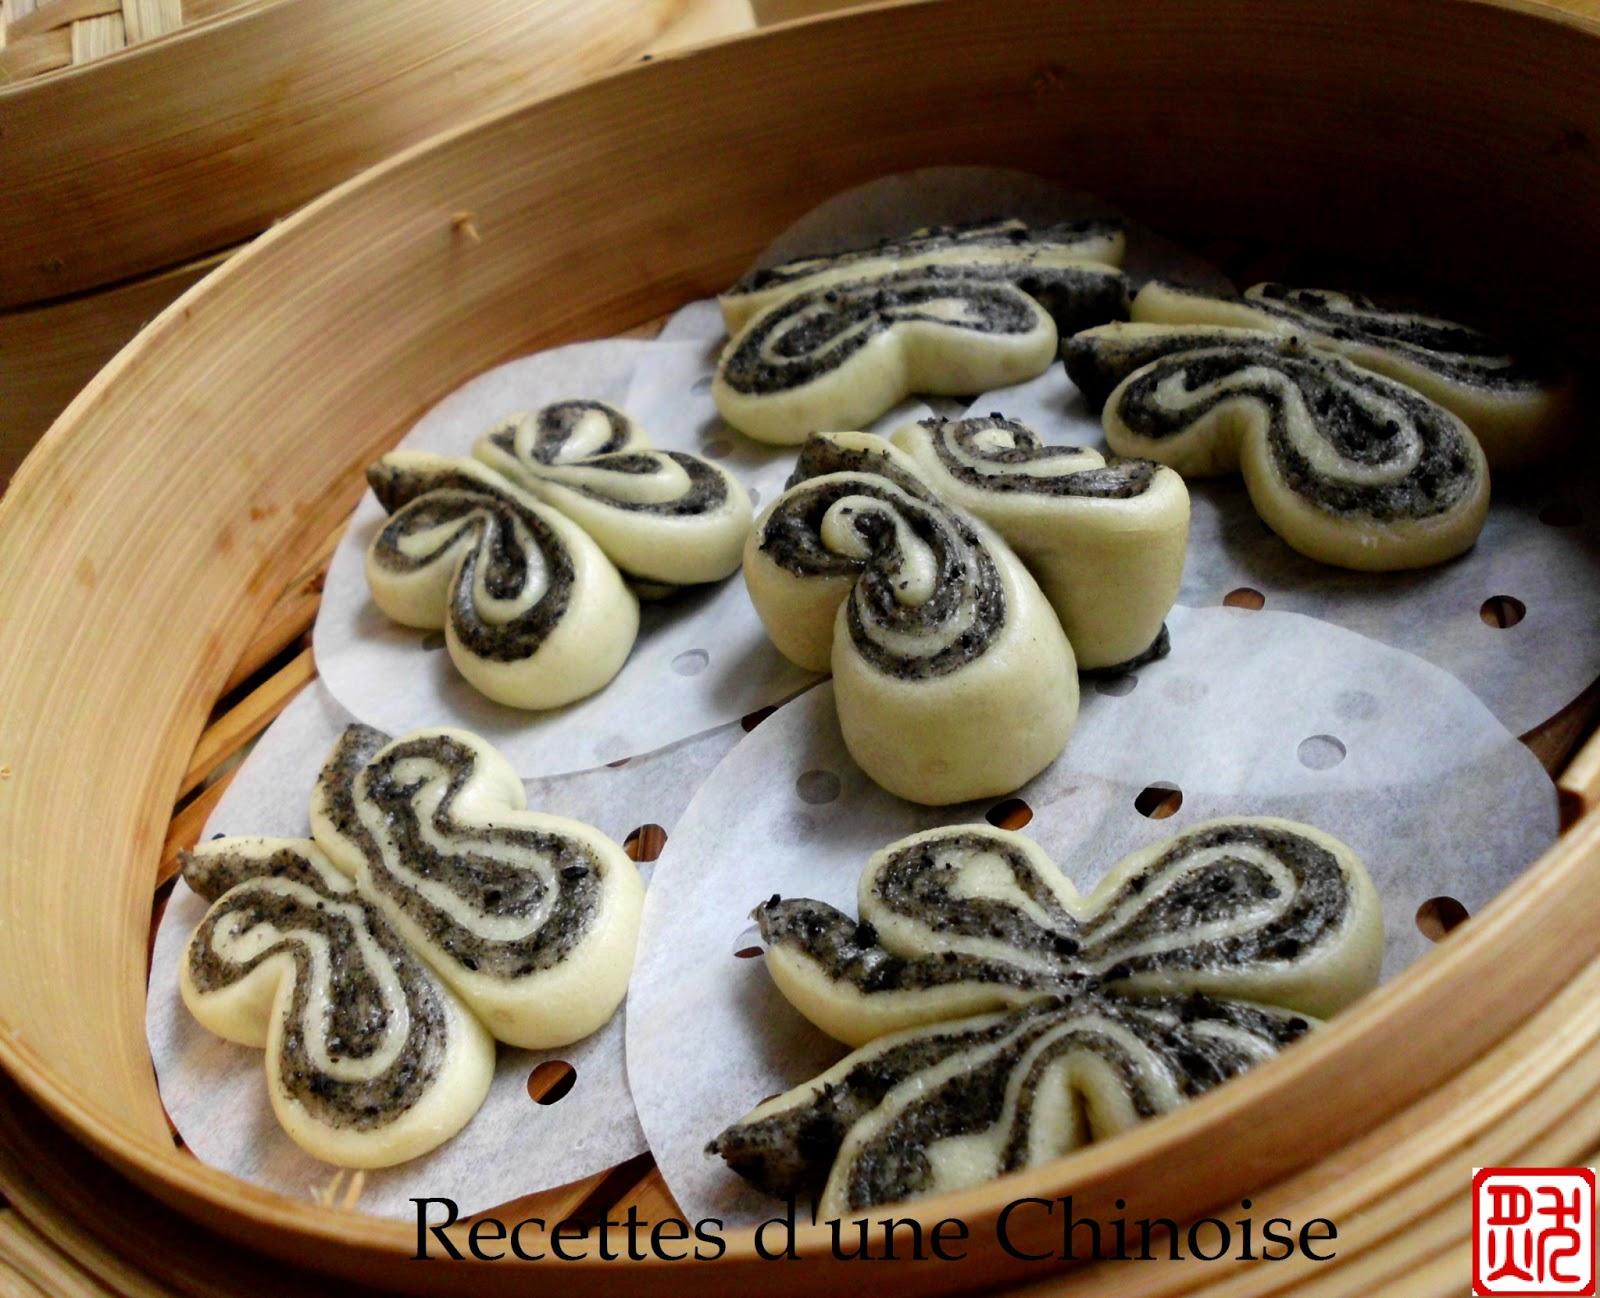 Recettes d'une Chinoise: Pain vapeur papillon 蝴蝶包 húdié bāo